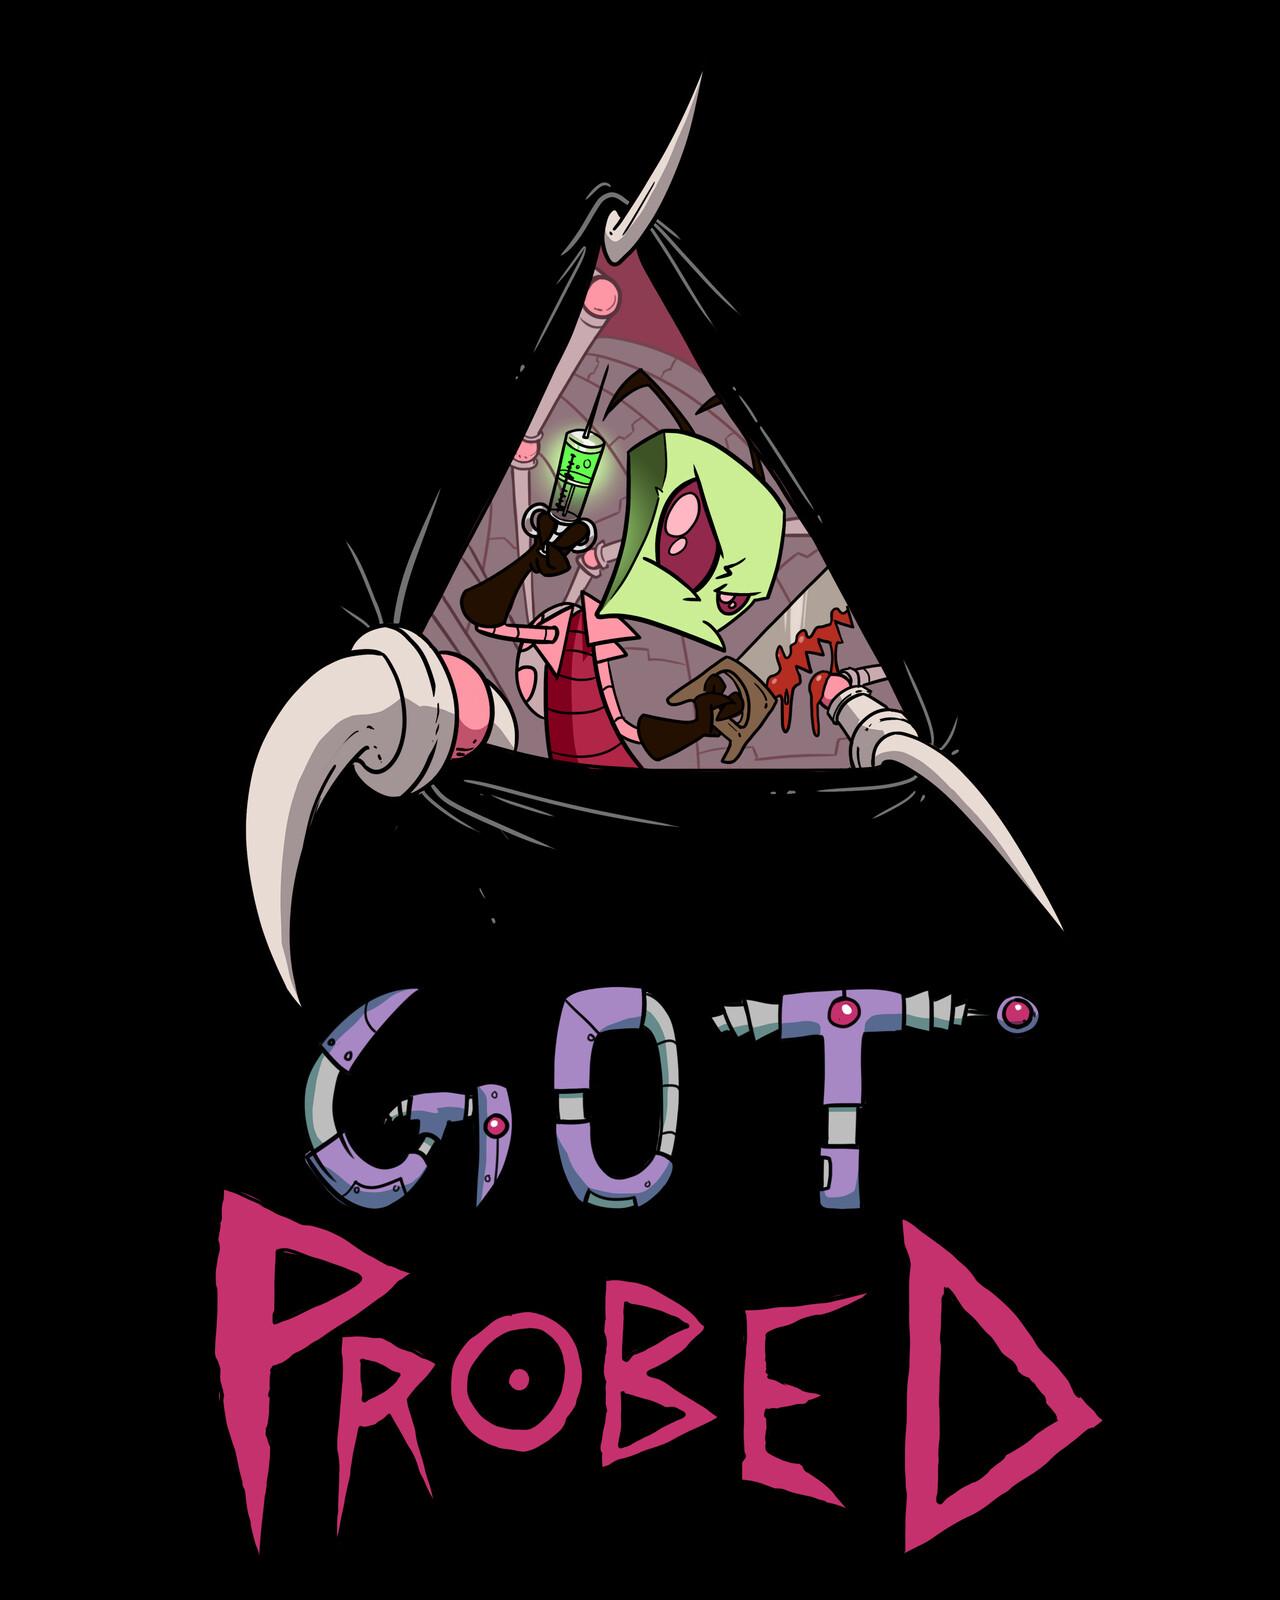 got probed